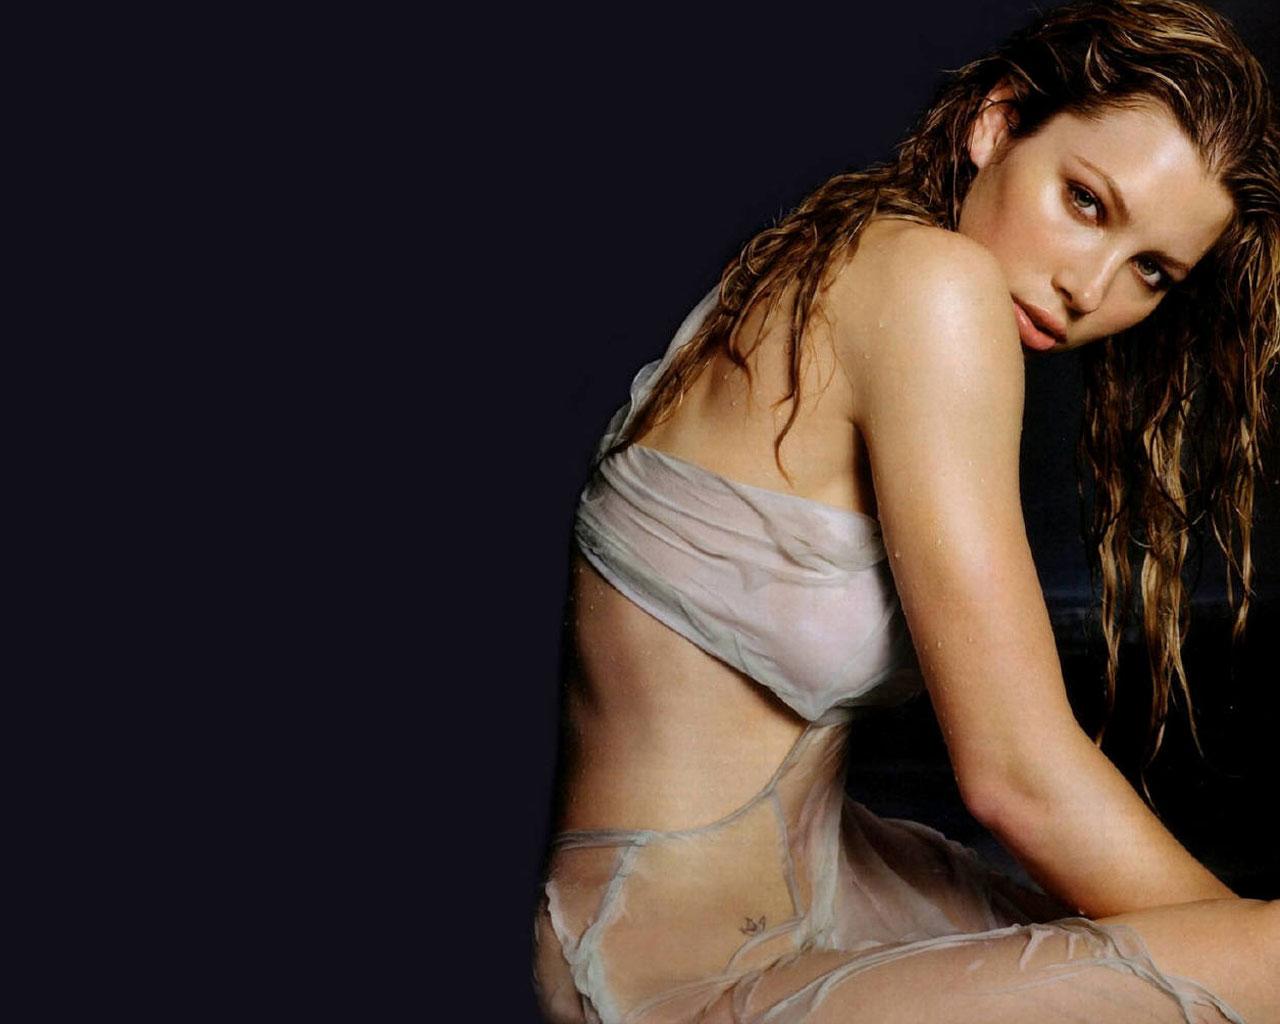 http://3.bp.blogspot.com/_GHIEHD4J-V8/TKw3UwqTSxI/AAAAAAAAB3s/y-MwAmFsUOI/s1600/Jessica_Biel_Wallpaper.jpg